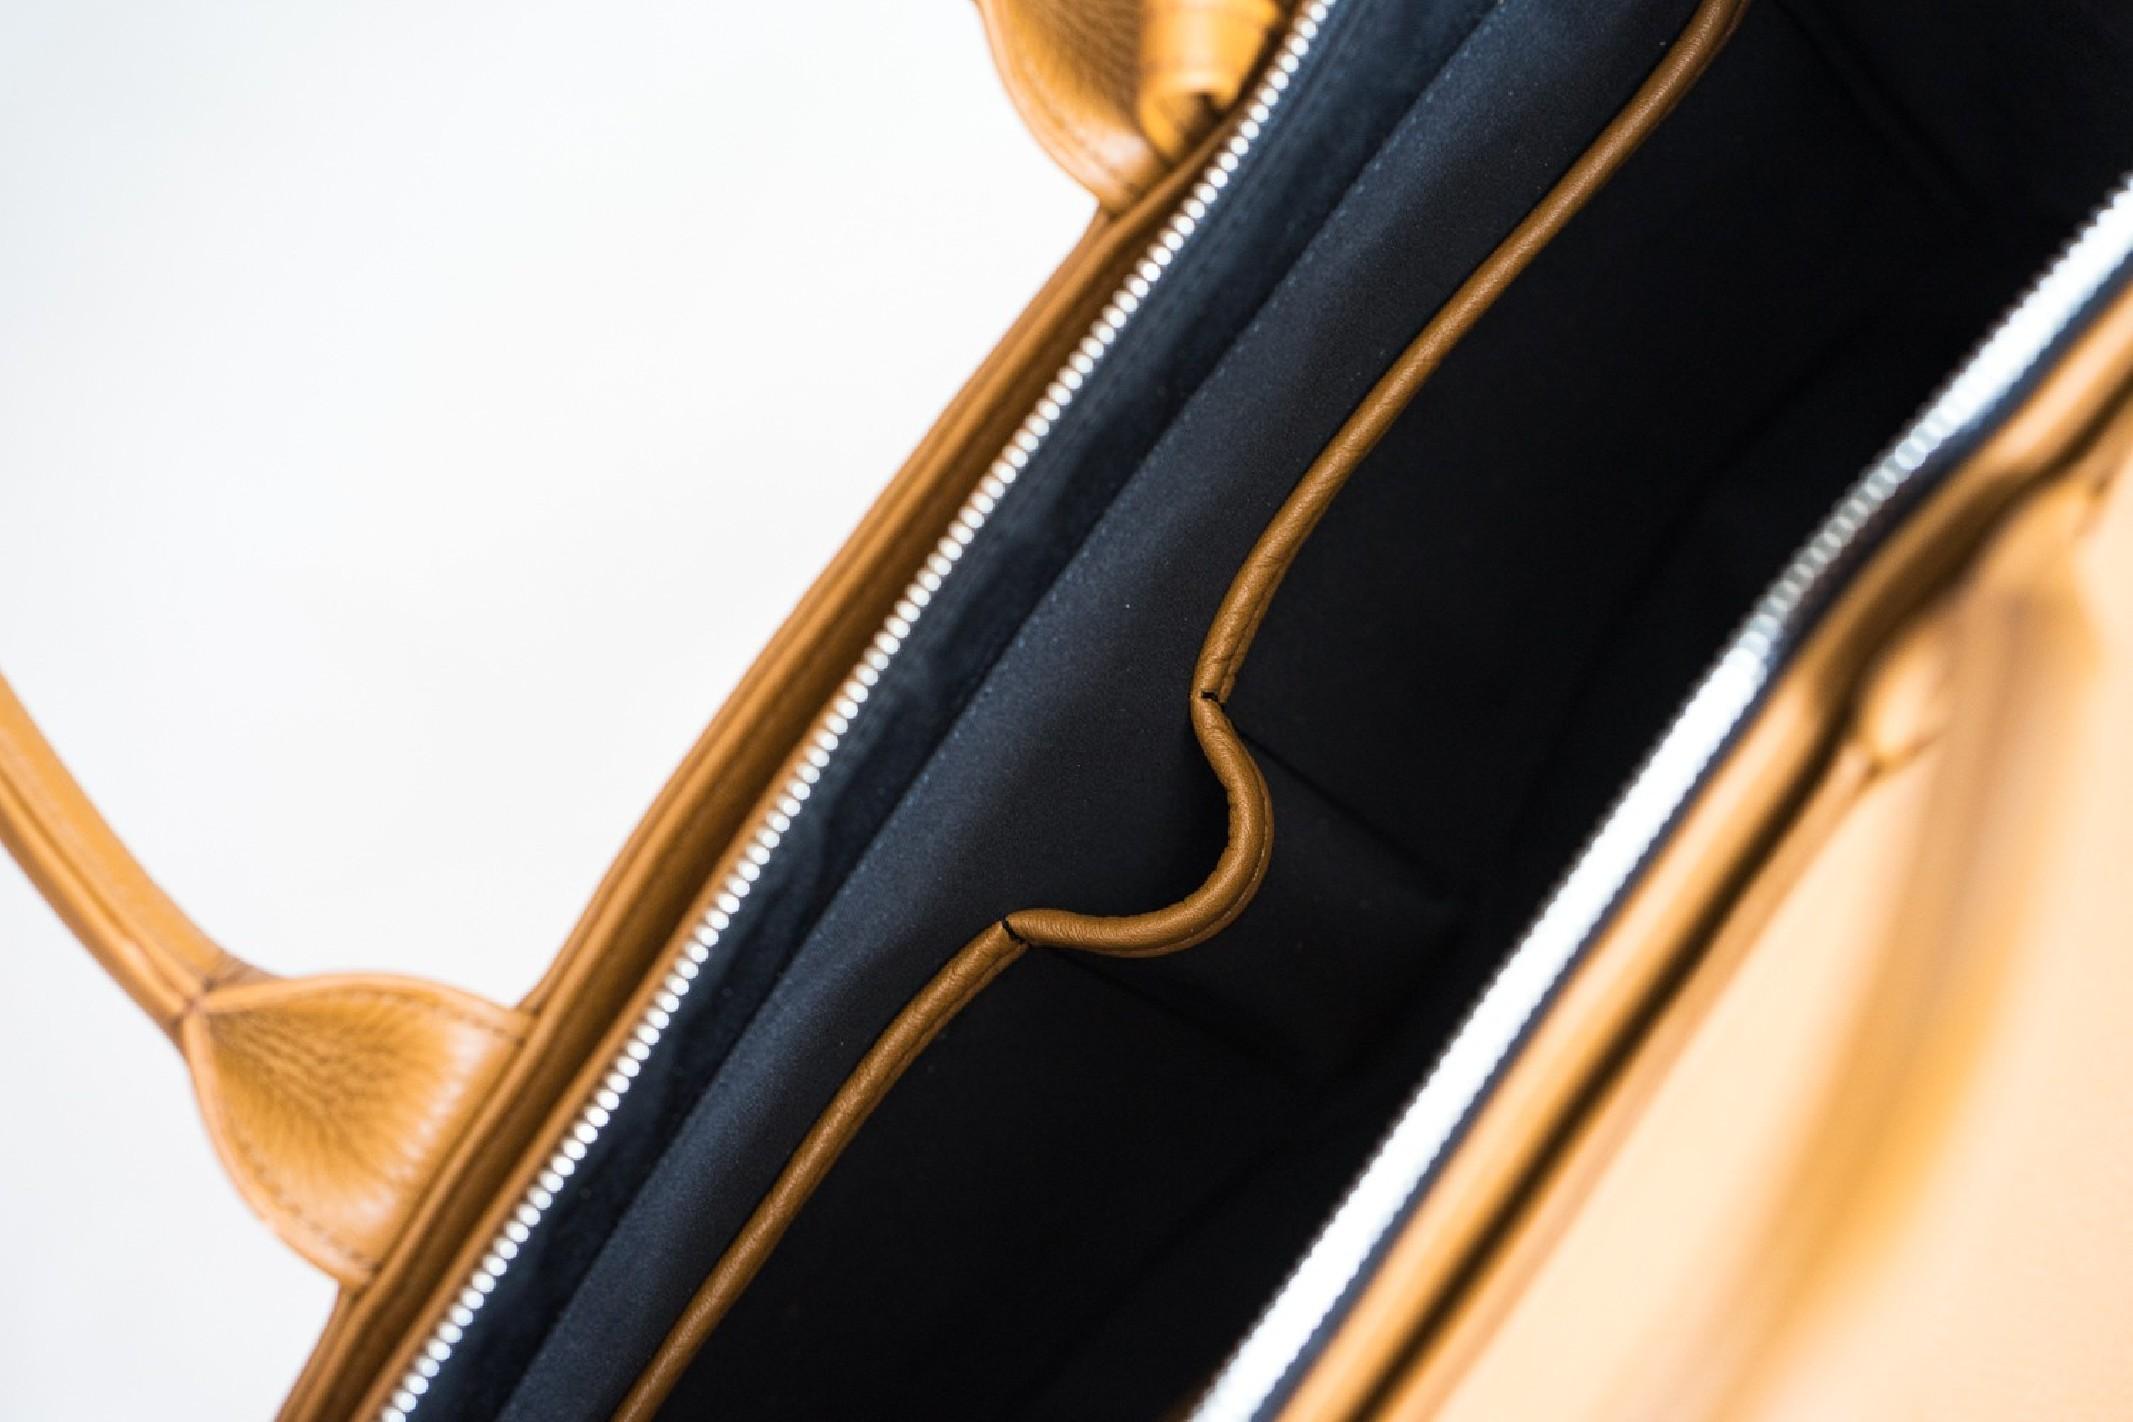 Starannie wyselekcjonowana naturalna skóra groszkowa w odcieniu eleganckiego camelowego brązu, srebrne dodatki jakości premium, podszewka w kolorze eleganckiej czerwieni i niezwykła precyzja wykonania sprawiają, że kuferek Nashe to rzemiosło z najwyższej półki! wszechstronna: możliwość noszenia na długim pasku lub w dłoni uszyta z naturalnej skóry groszkowej najwyższej jakości stworzona według autorskiego projekt wykonana w polskiej pracowni z miłością, pasją i w zgodnie ze sztuką kaletniczą wyposażona w regulowany, odpinany długi pasek o dugości 110 - 125cm wzbogacona o przypinaną kosmetyczkę ze skóry w tym samym odcieniu z zakończonym karabińczykiem troczkiem, do którego można dopiąć klucze lub dołączoną do torebki kosmetyczkę wykończona chroniącymi przed zarysowaniami skóry od spodu srebrnymi nóżkami zapinana na wytrzymały metalowy zamek wyłożona elegancką czerwoną podszewką z delikatnym satynowym połyskiem funkcjonalna - 6 kieszeni: główna + zamykana na zamek + 2 płaskie na dokumen